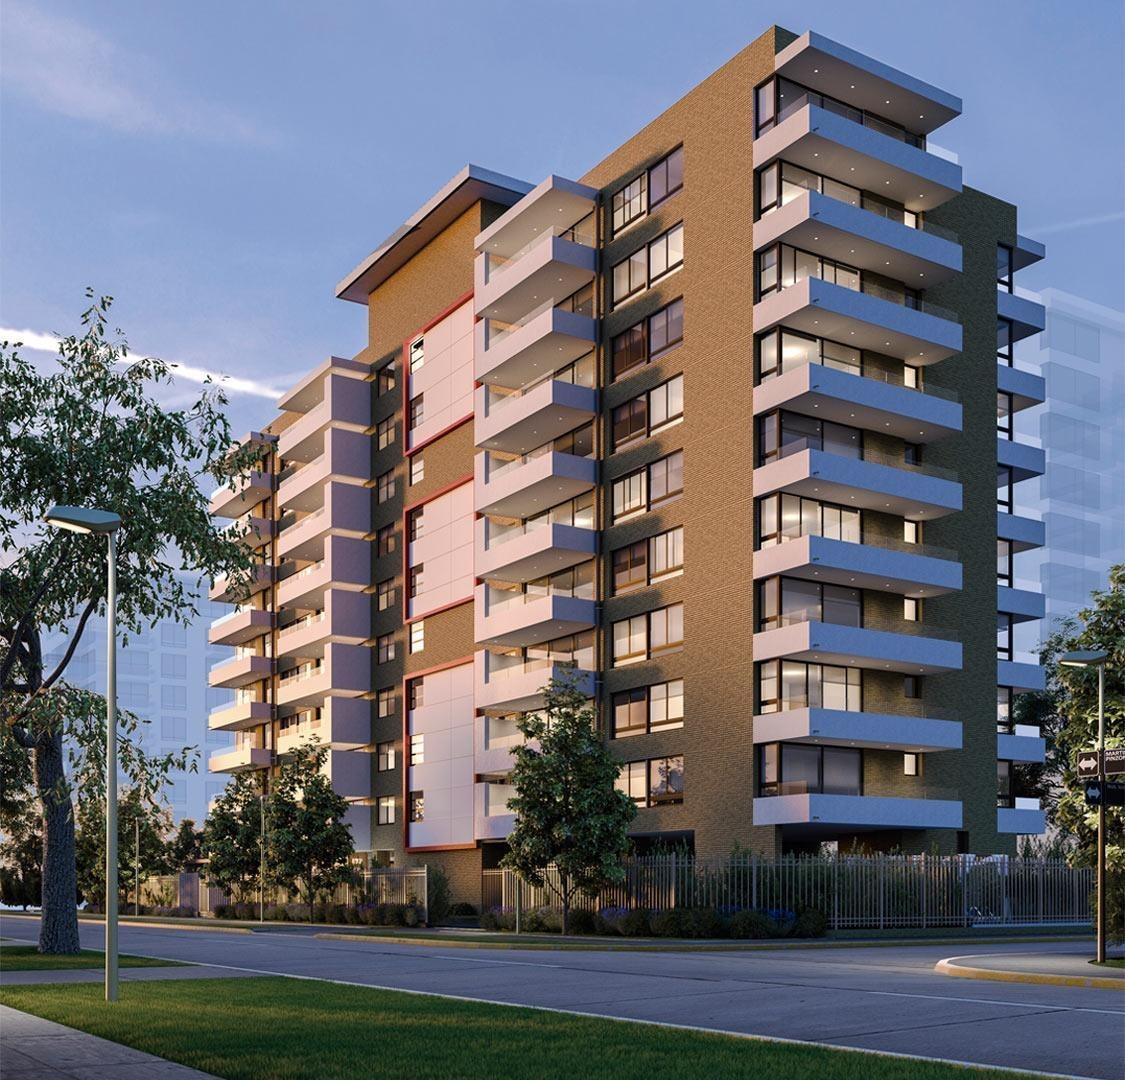 proyecto edificio pinzón 7230